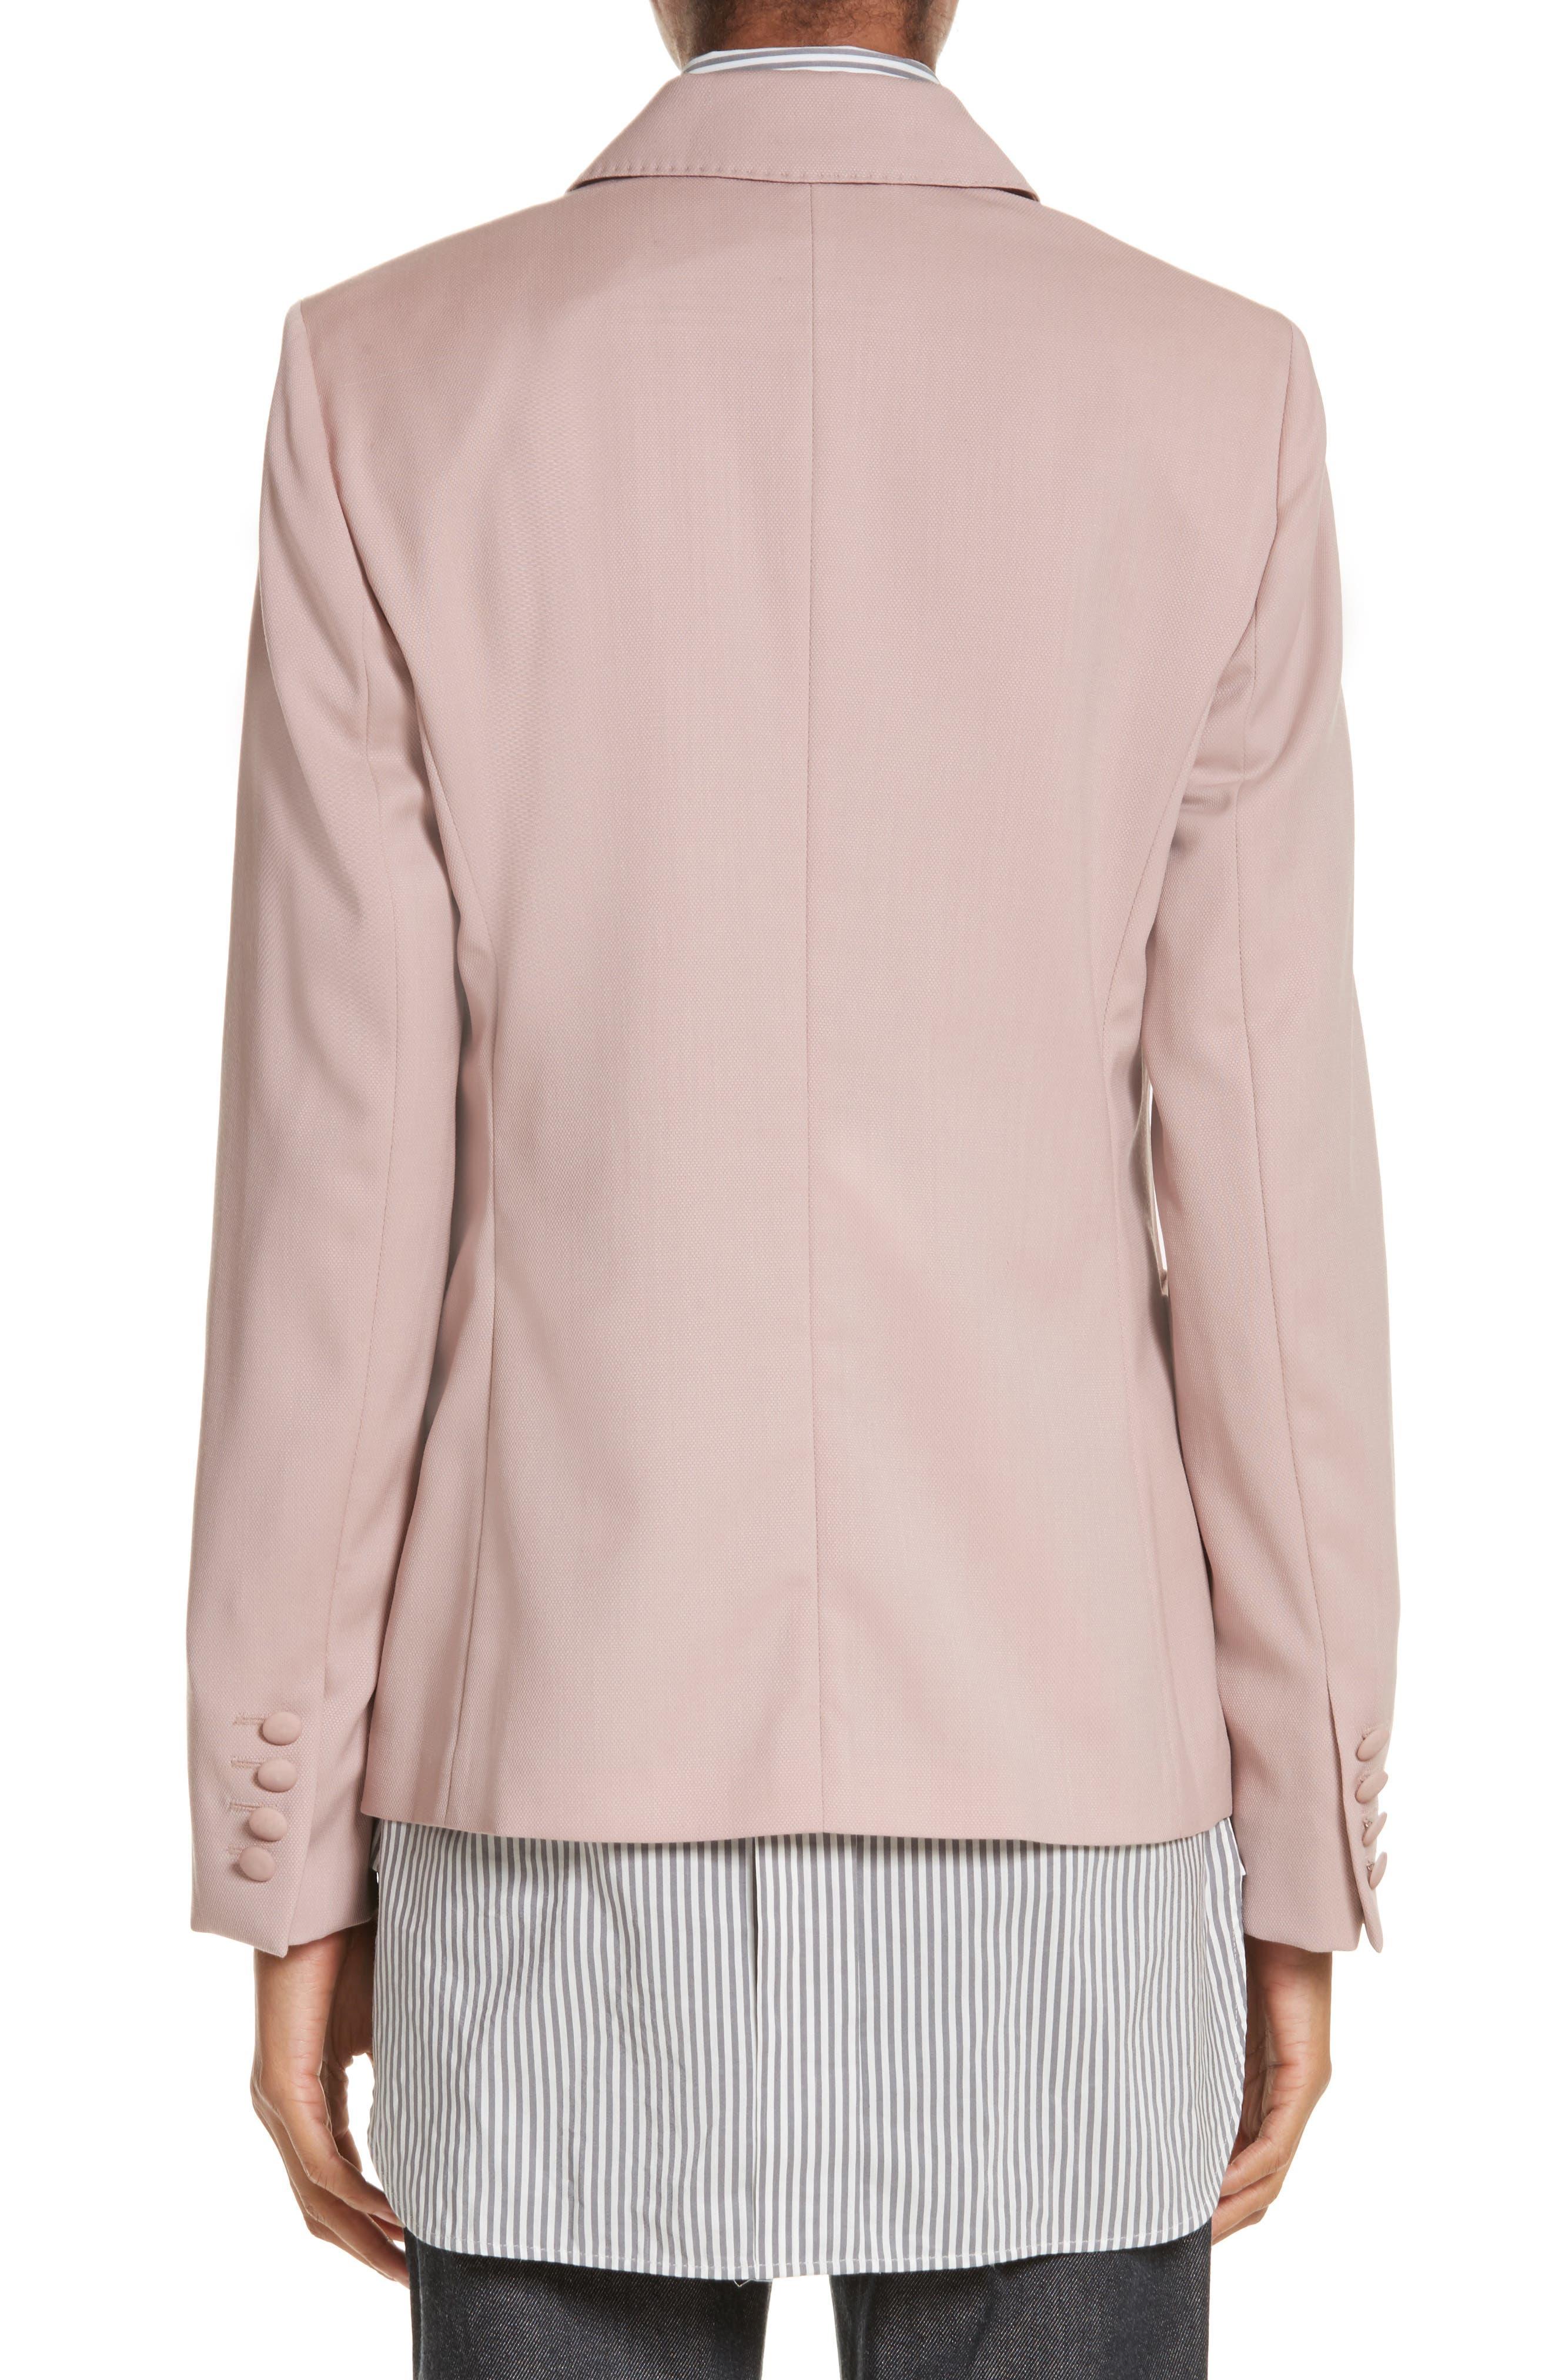 Panaro Wool Jacket,                             Alternate thumbnail 2, color,                             Blush